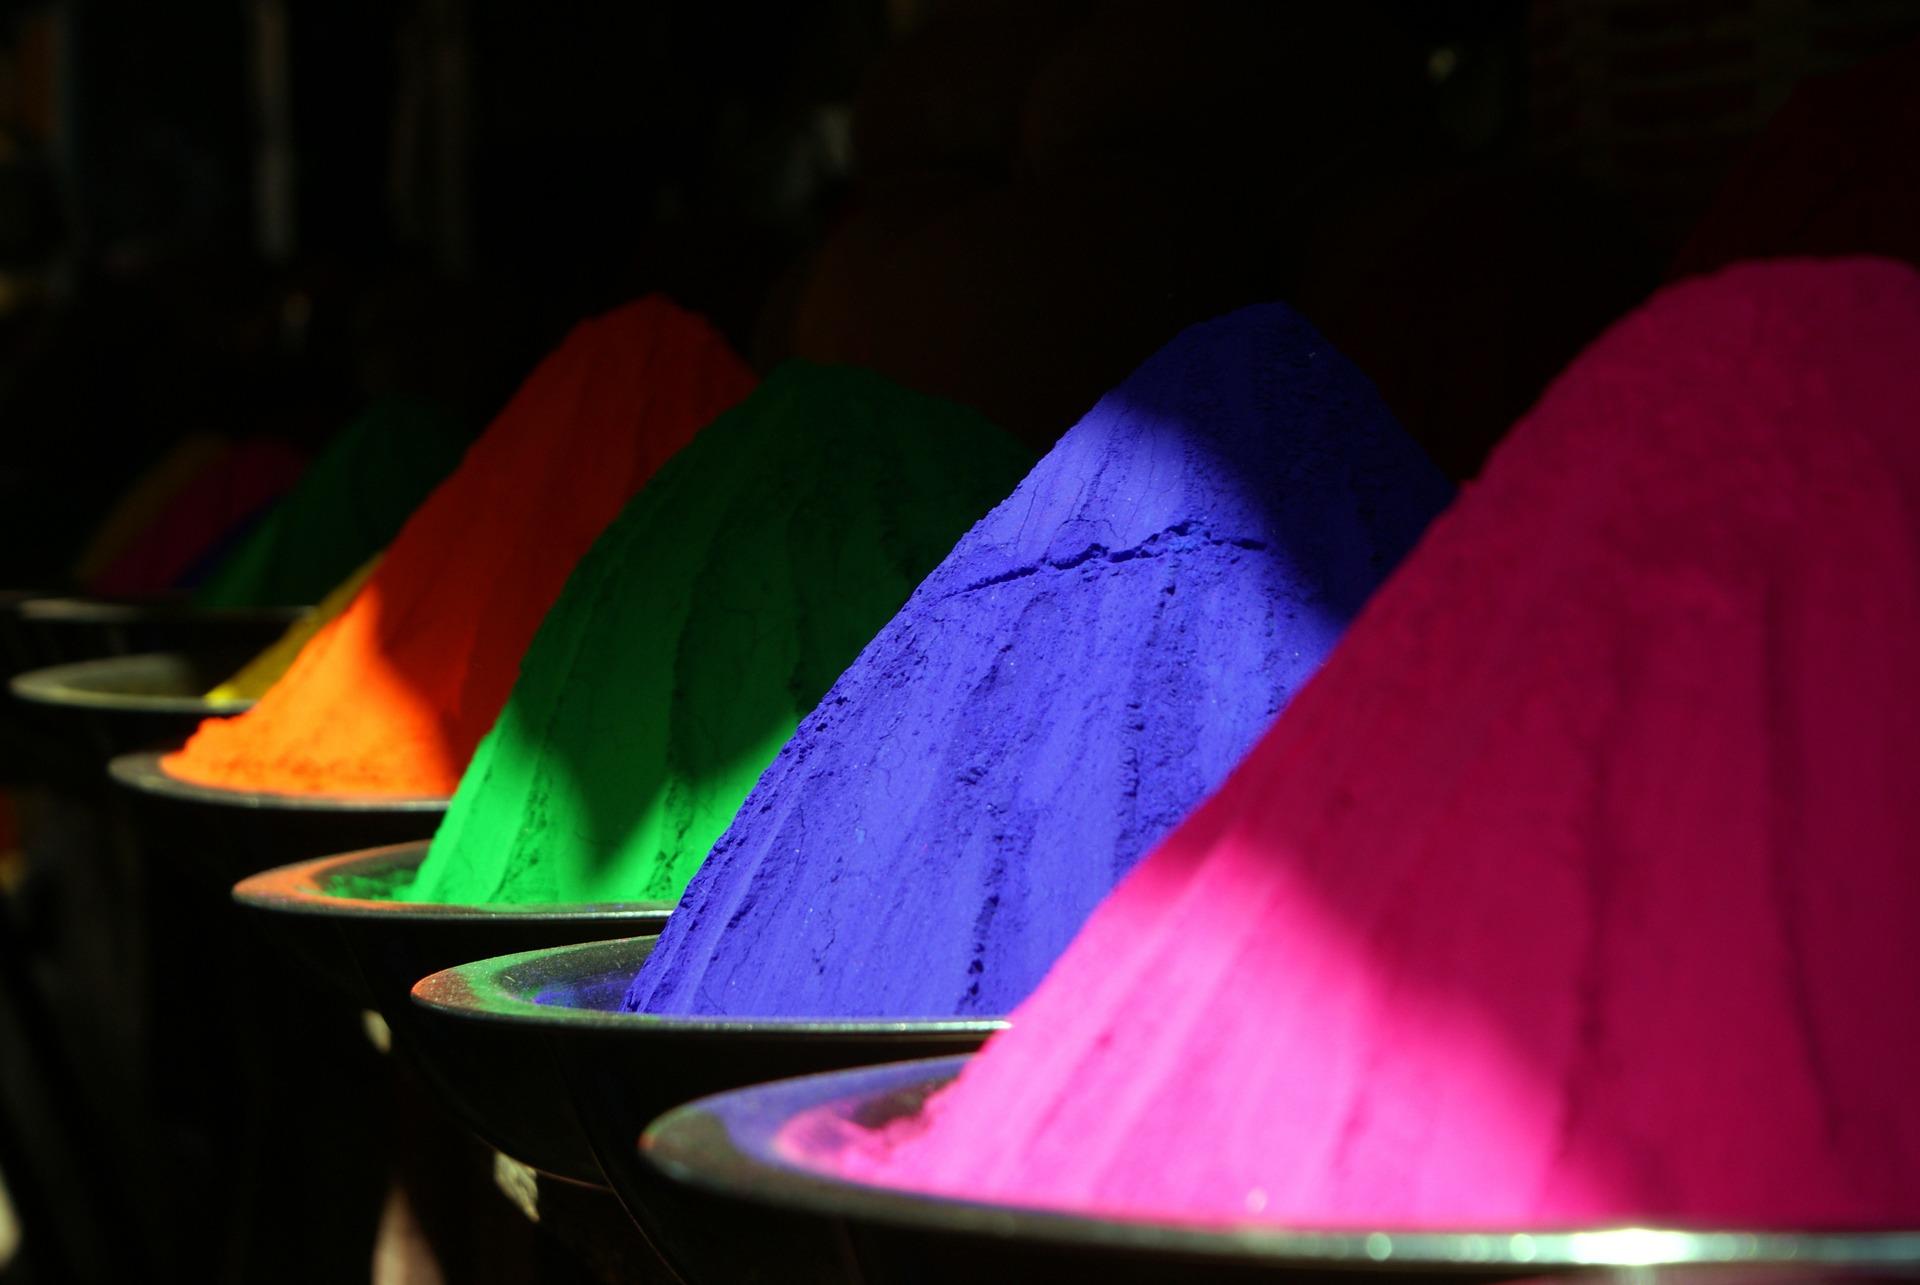 Fässer mit Pulver in verschiedenen Farben